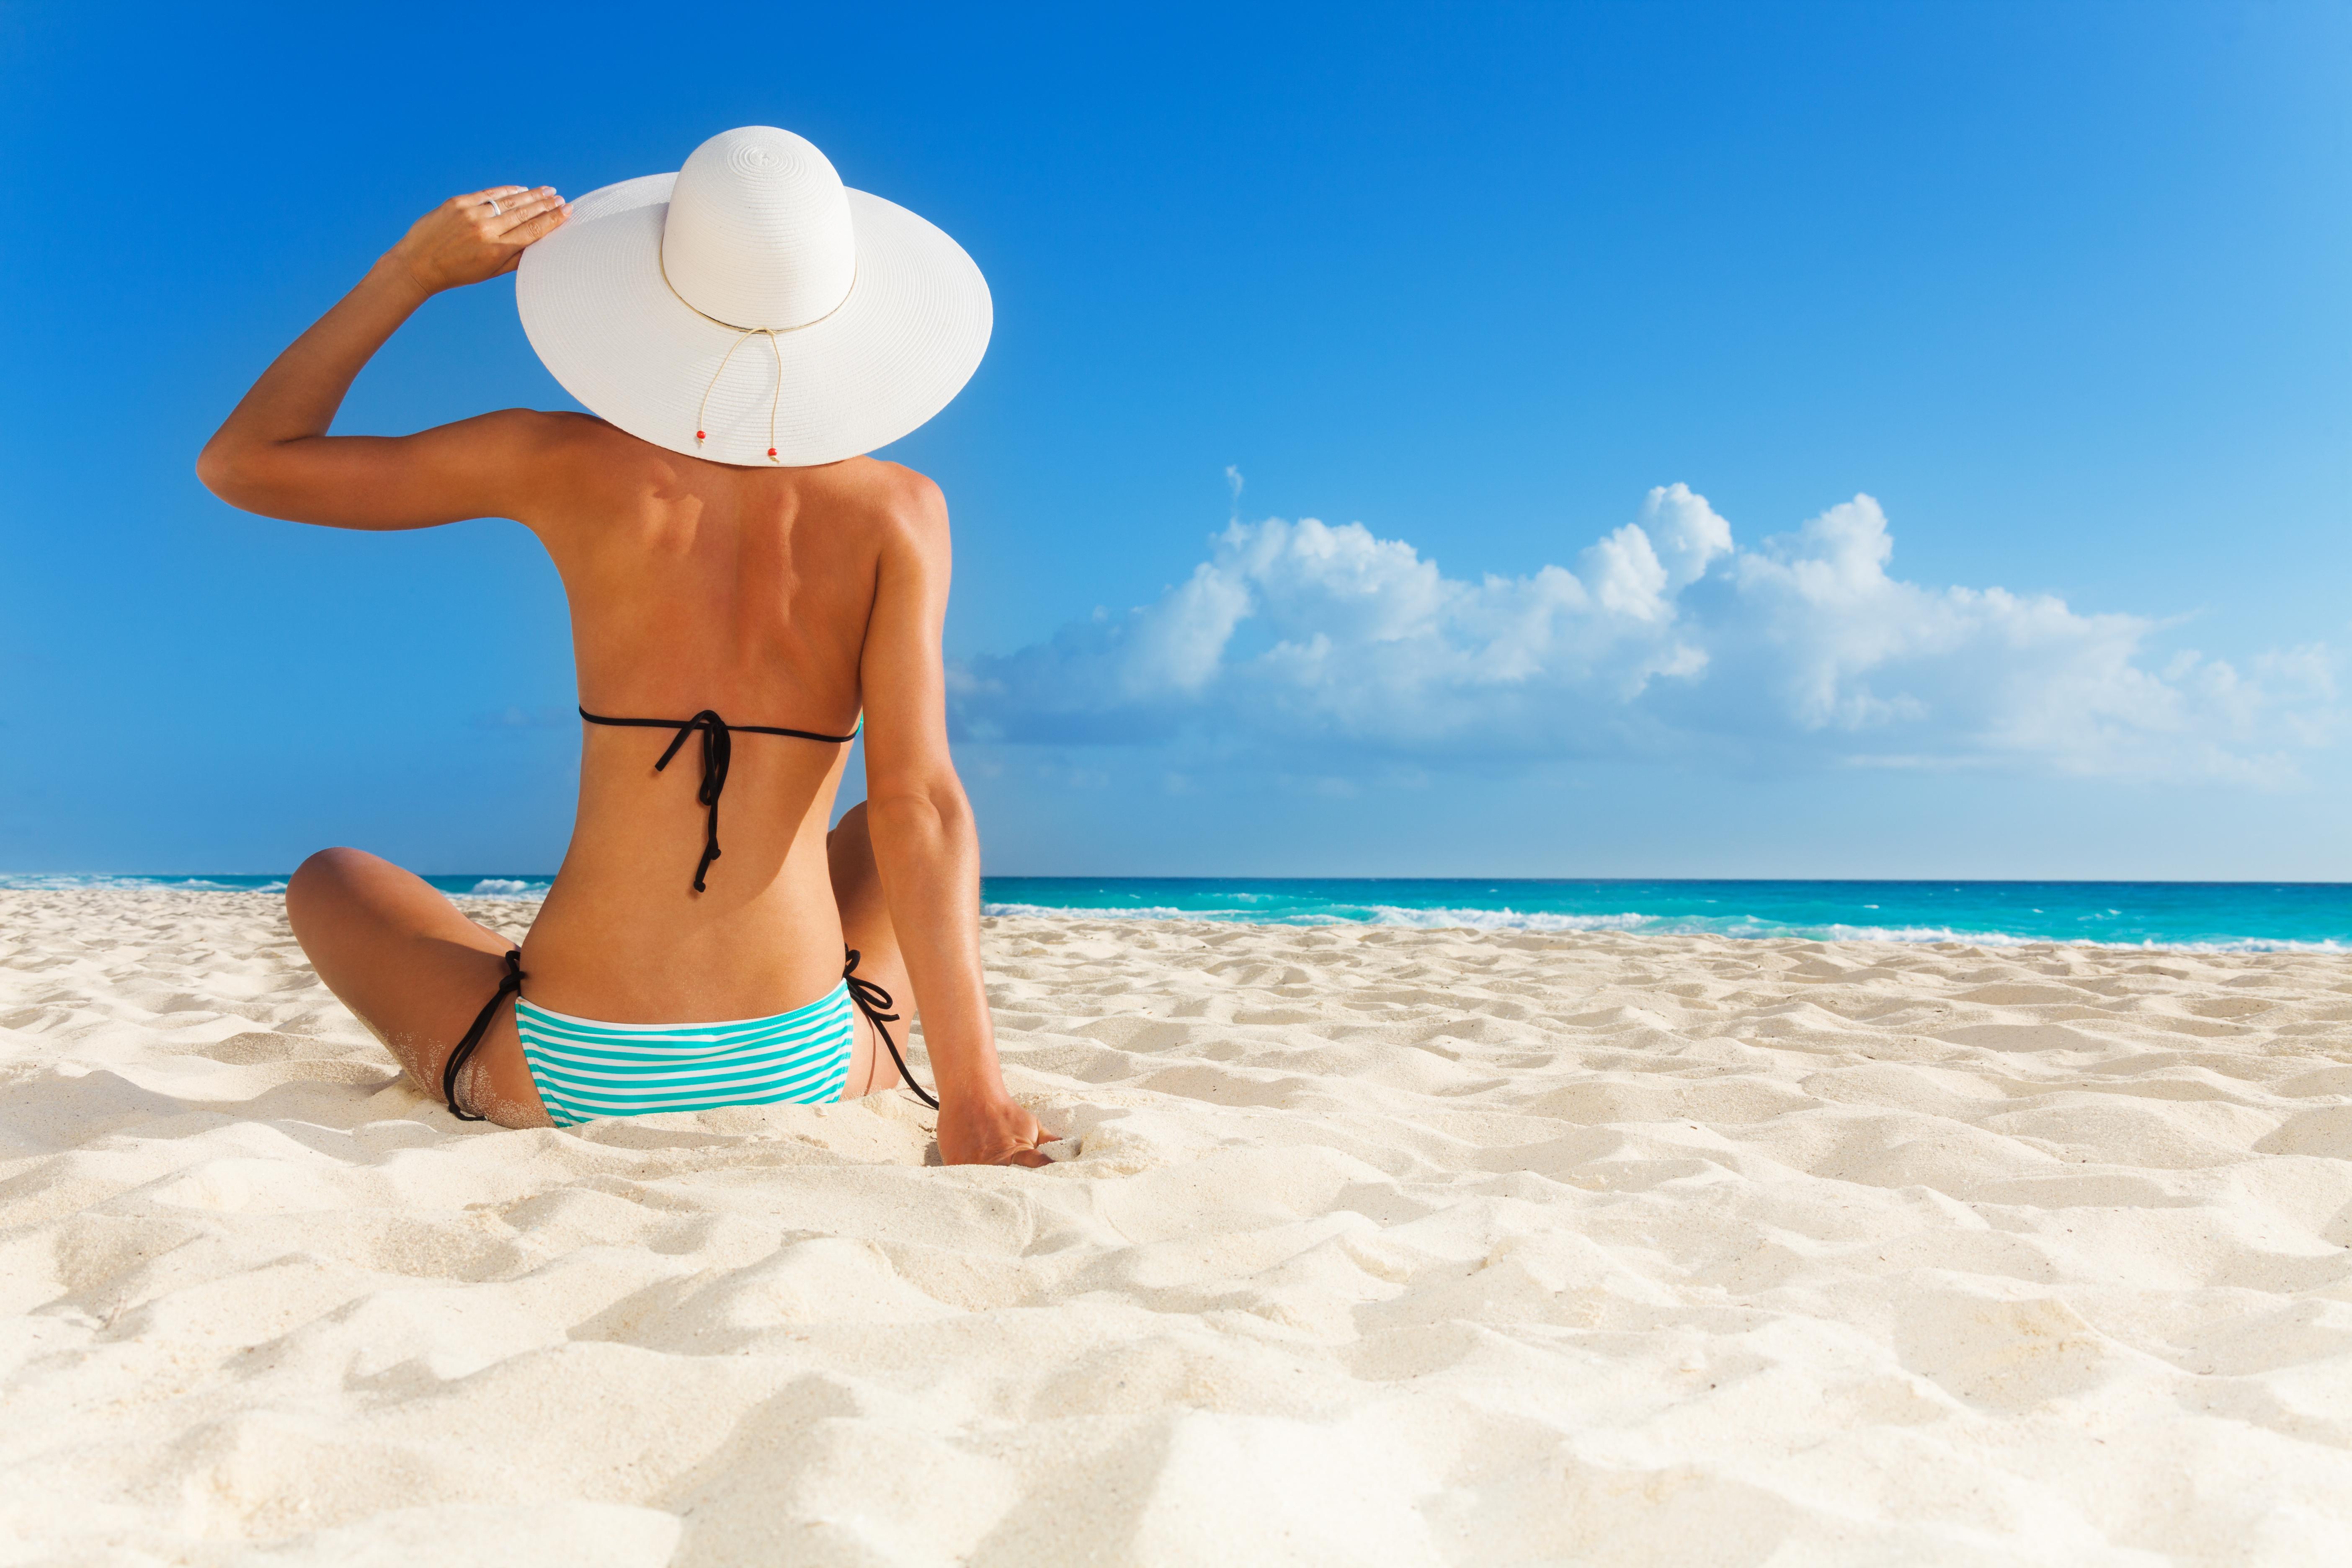 Фото в купальнике на пляже со спины 21 фотография